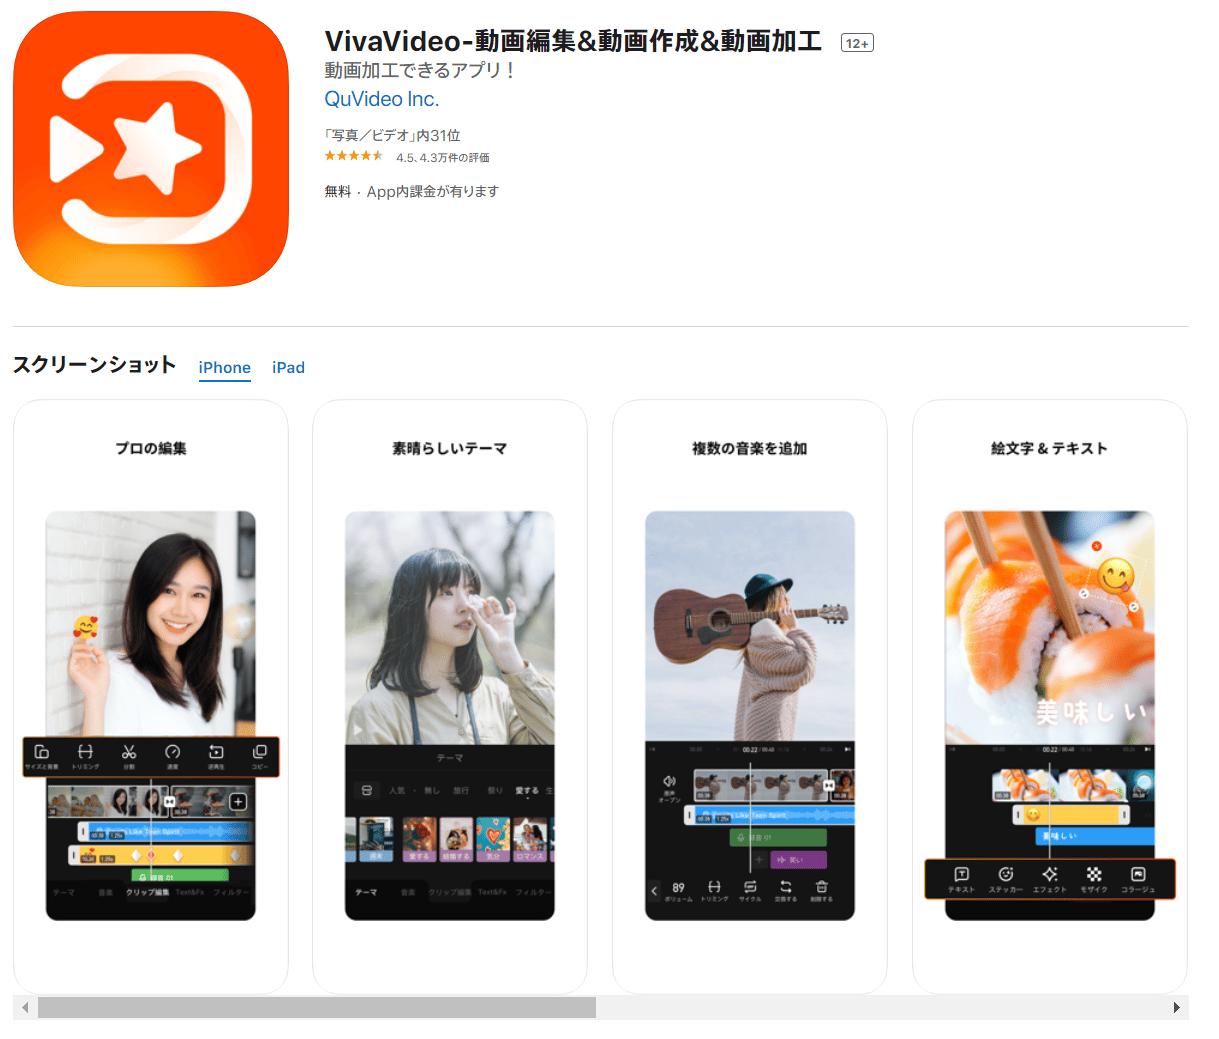 おすすめのアプリ3:VivaVideo